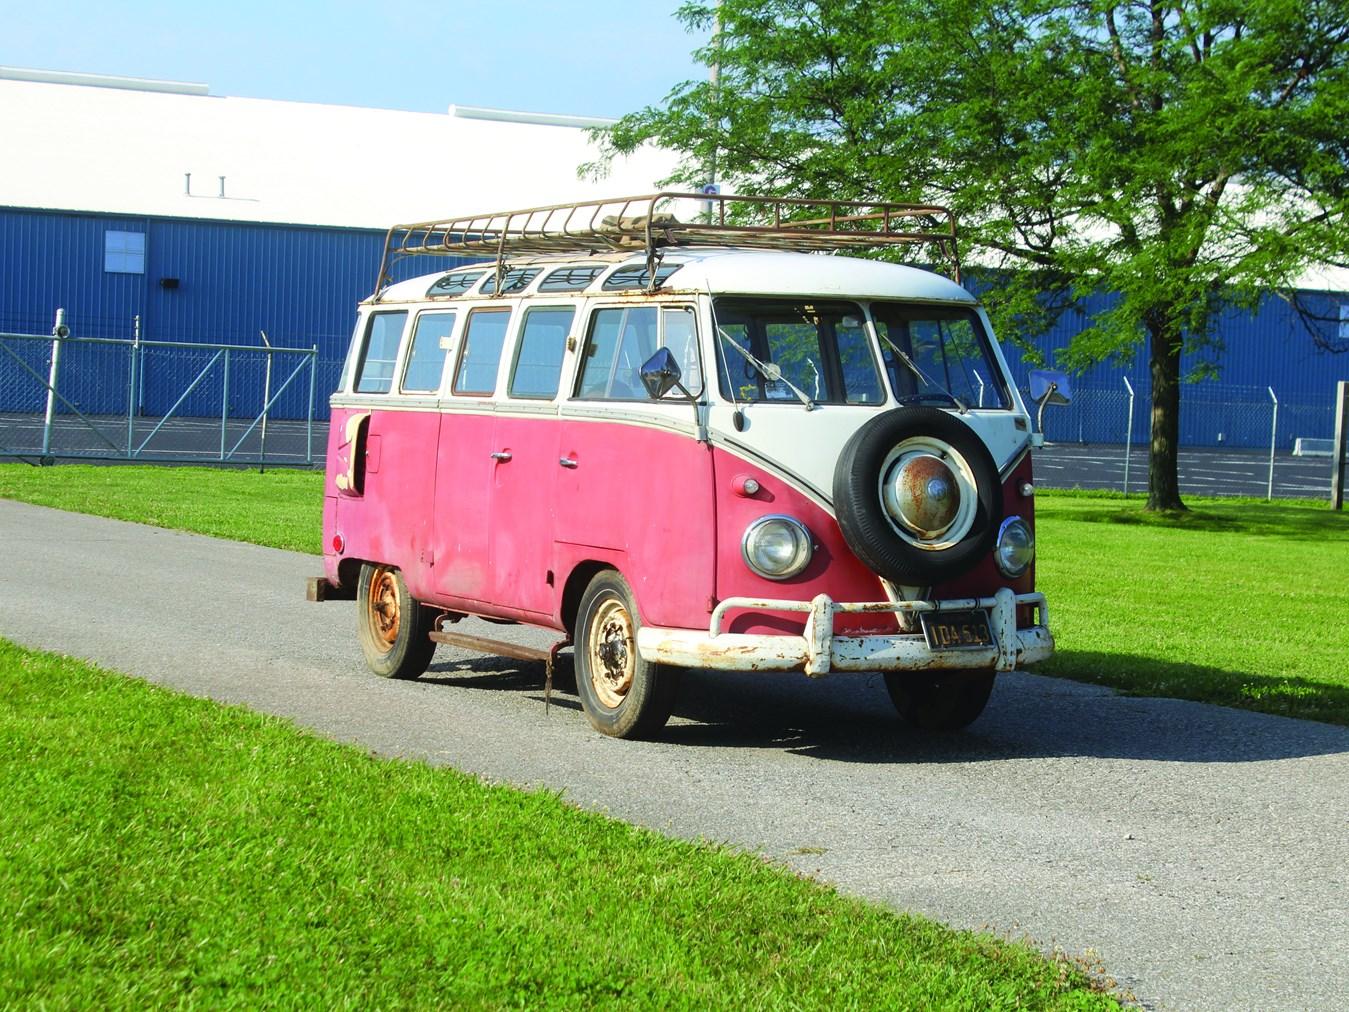 1959 Volkswagen Type 2 Microbus 23-window